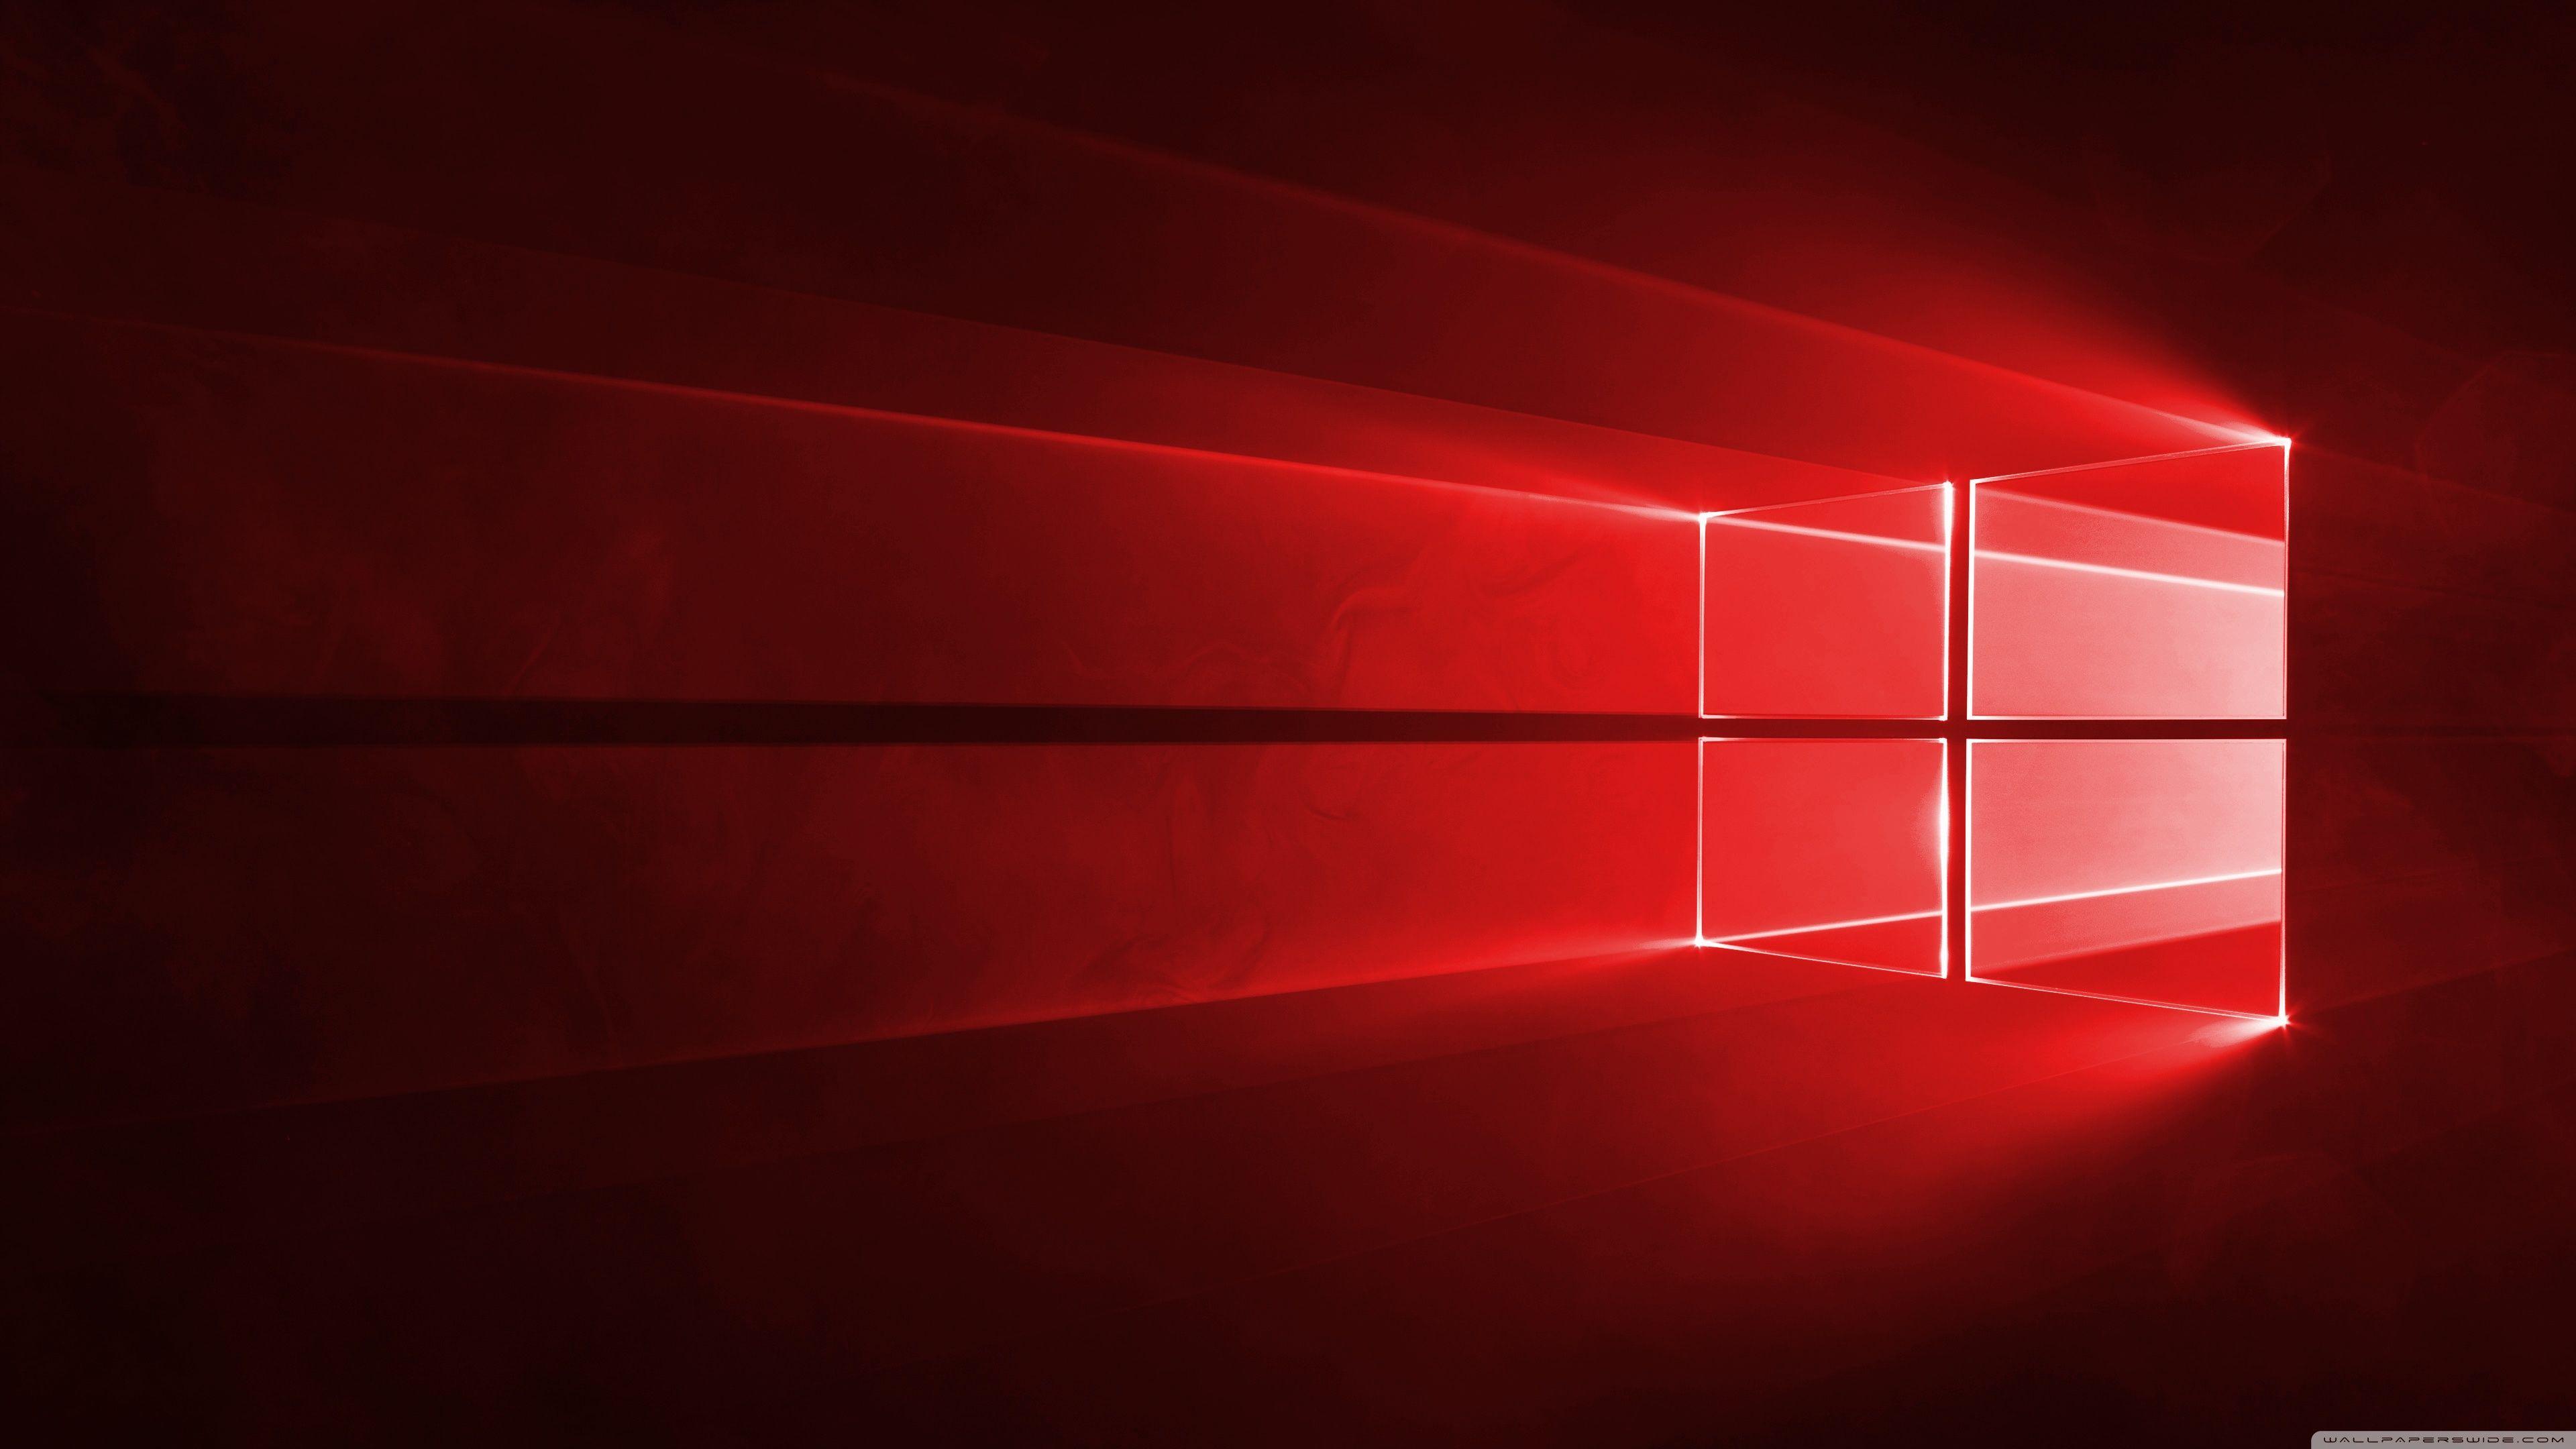 Window 10 Wallpapers Full Hd En 2020 Windows 10 Fondos De Pantalla Escritorio Fondos De Pantalla Android